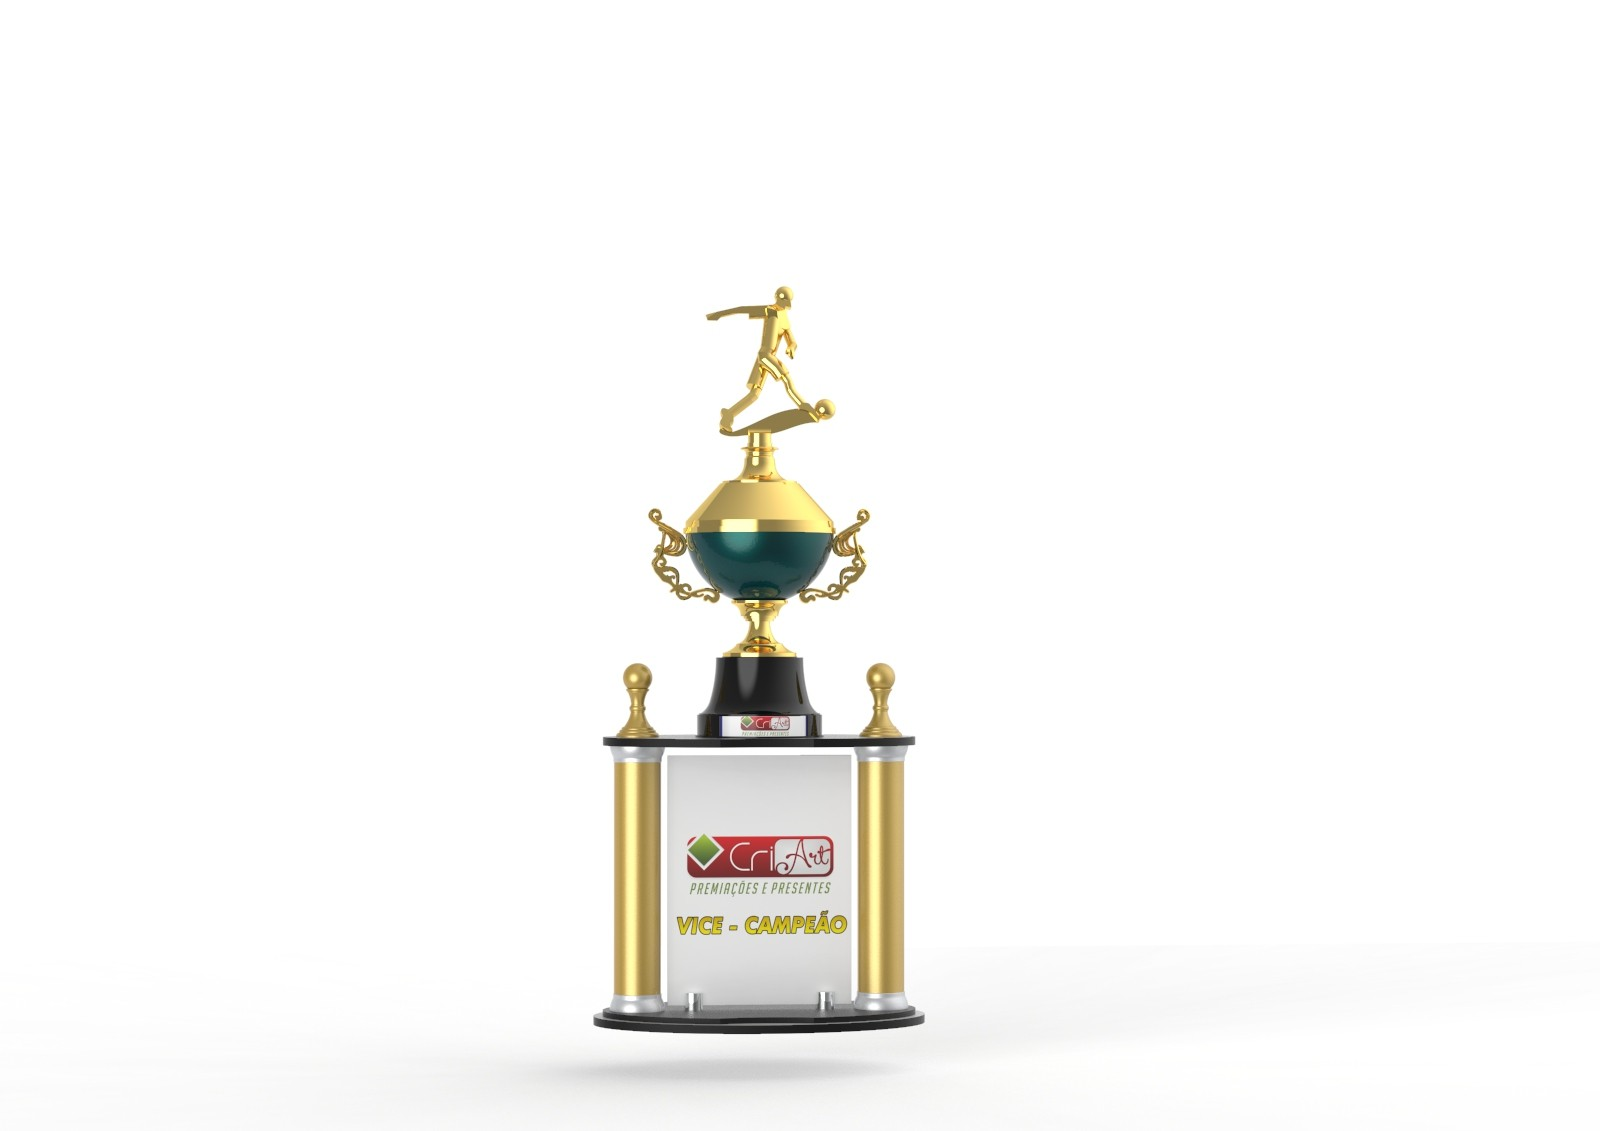 Troféu Personalizado Futebol FUT5100 83,0 / 78,0 / 73,0cm